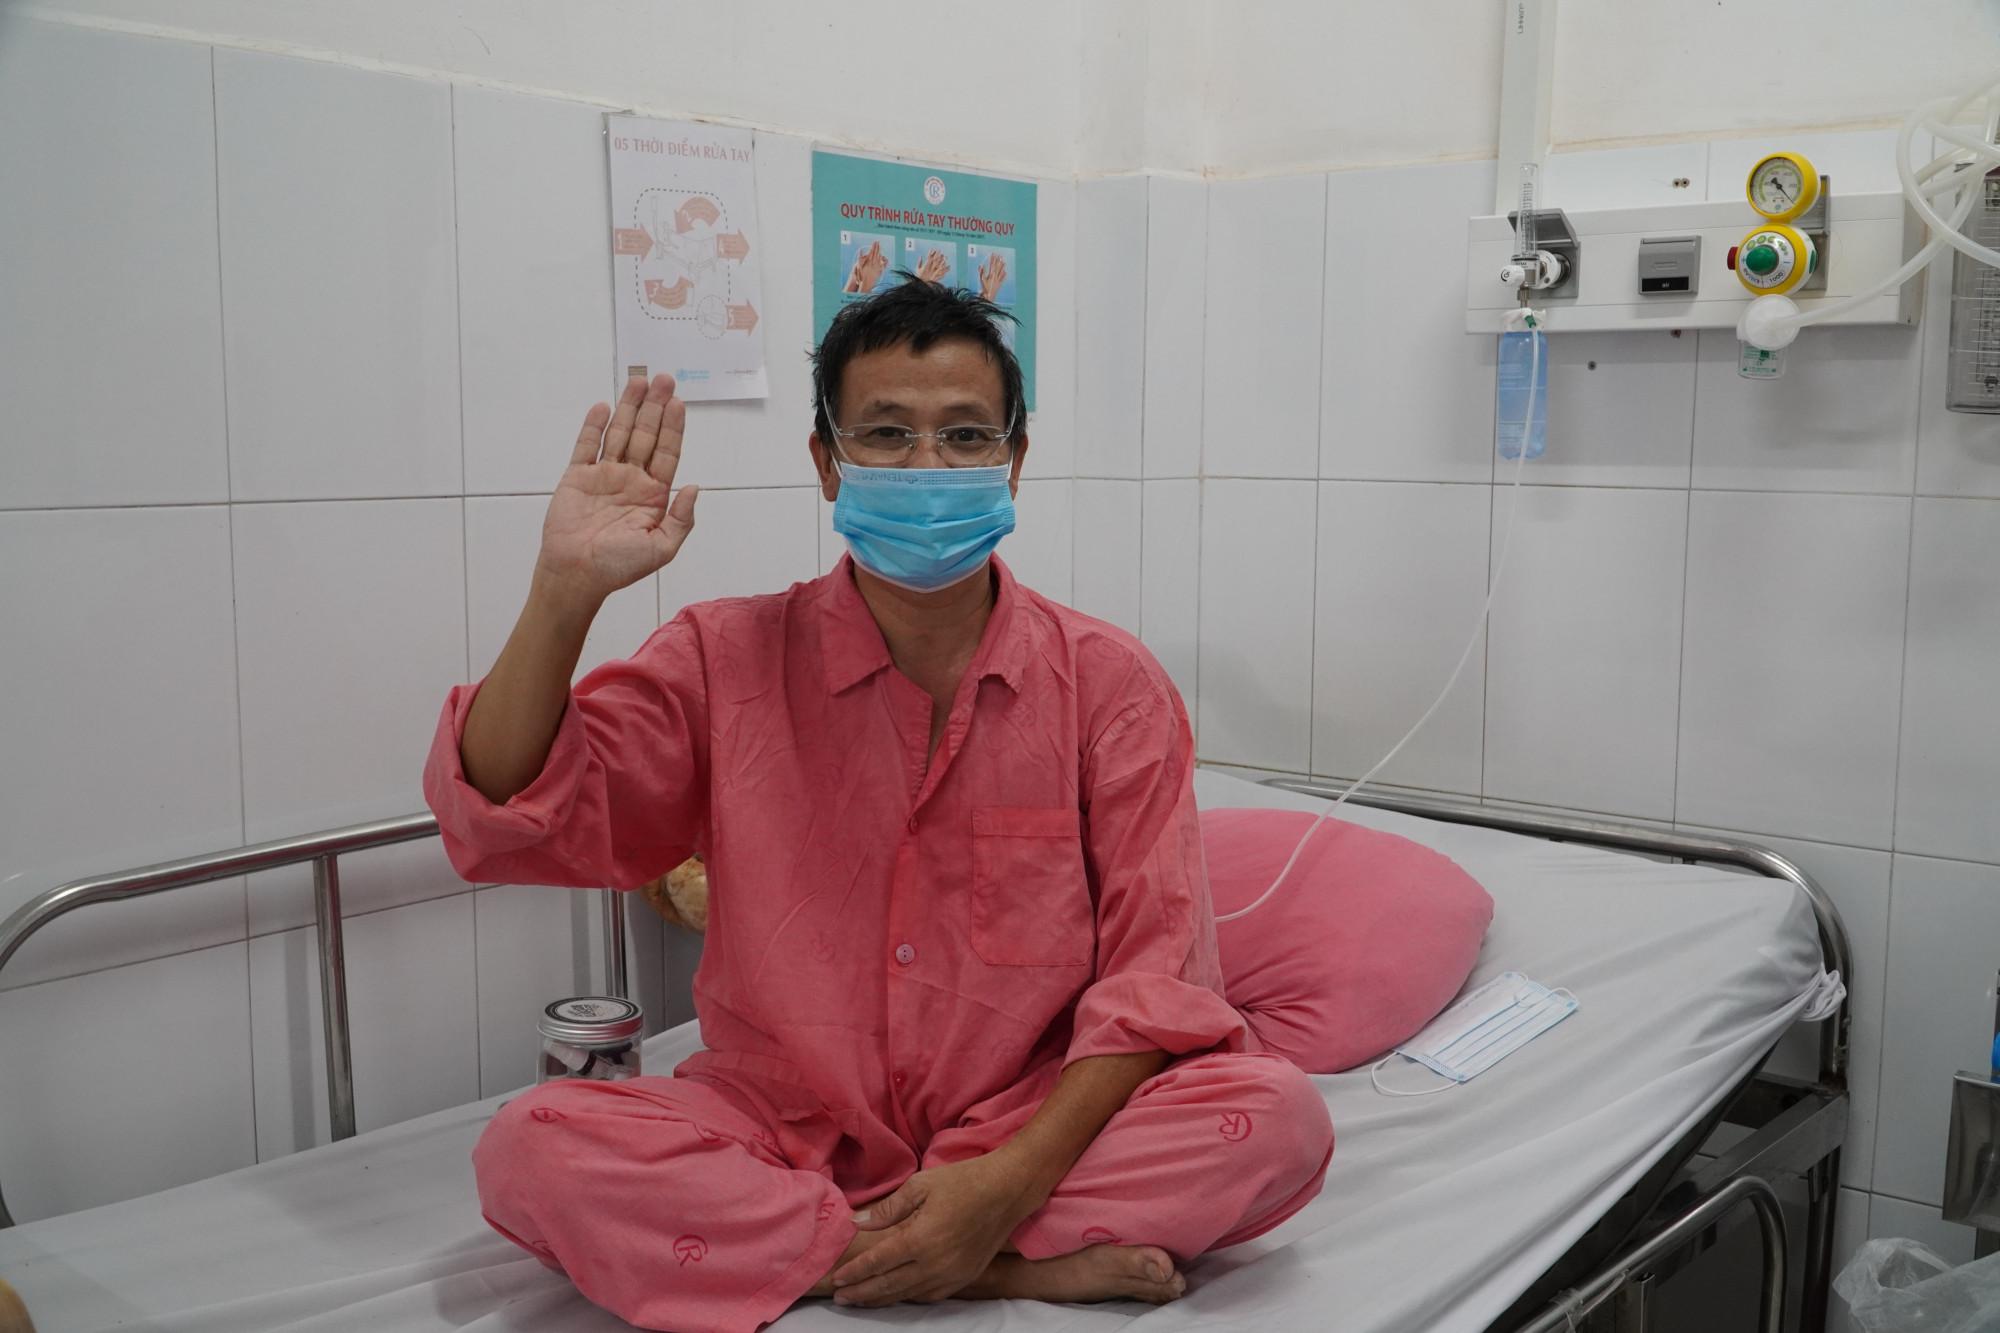 Cascadeur Lữ Đắc Long đã hồi phục sau khi điều trị COVID-19 tại BV Chợ Rẫy - Ảnh: BVCR